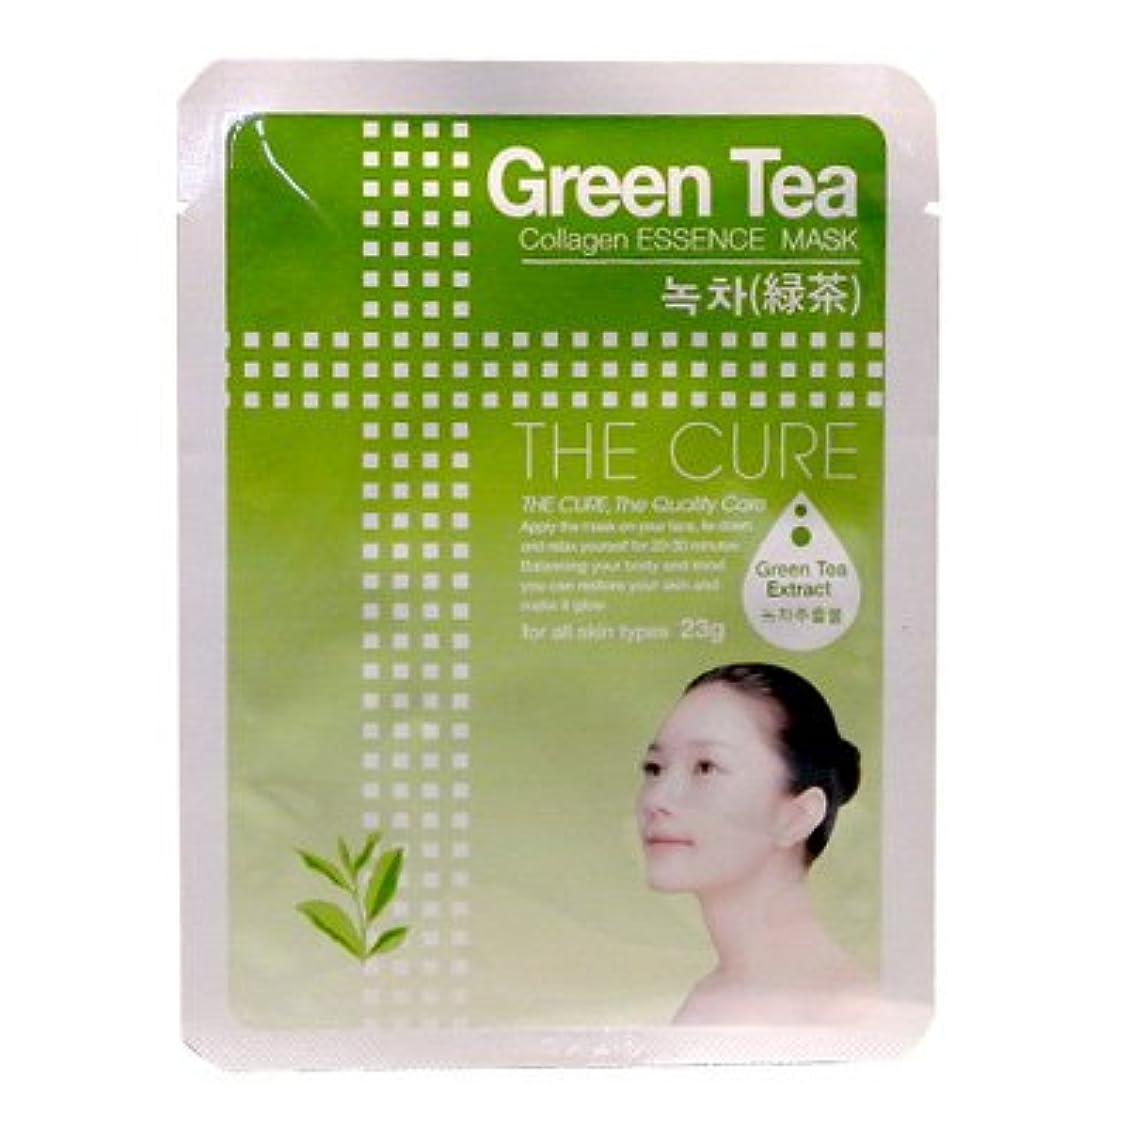 戦士ゴシップ試すCURE マスク シートパック 緑茶